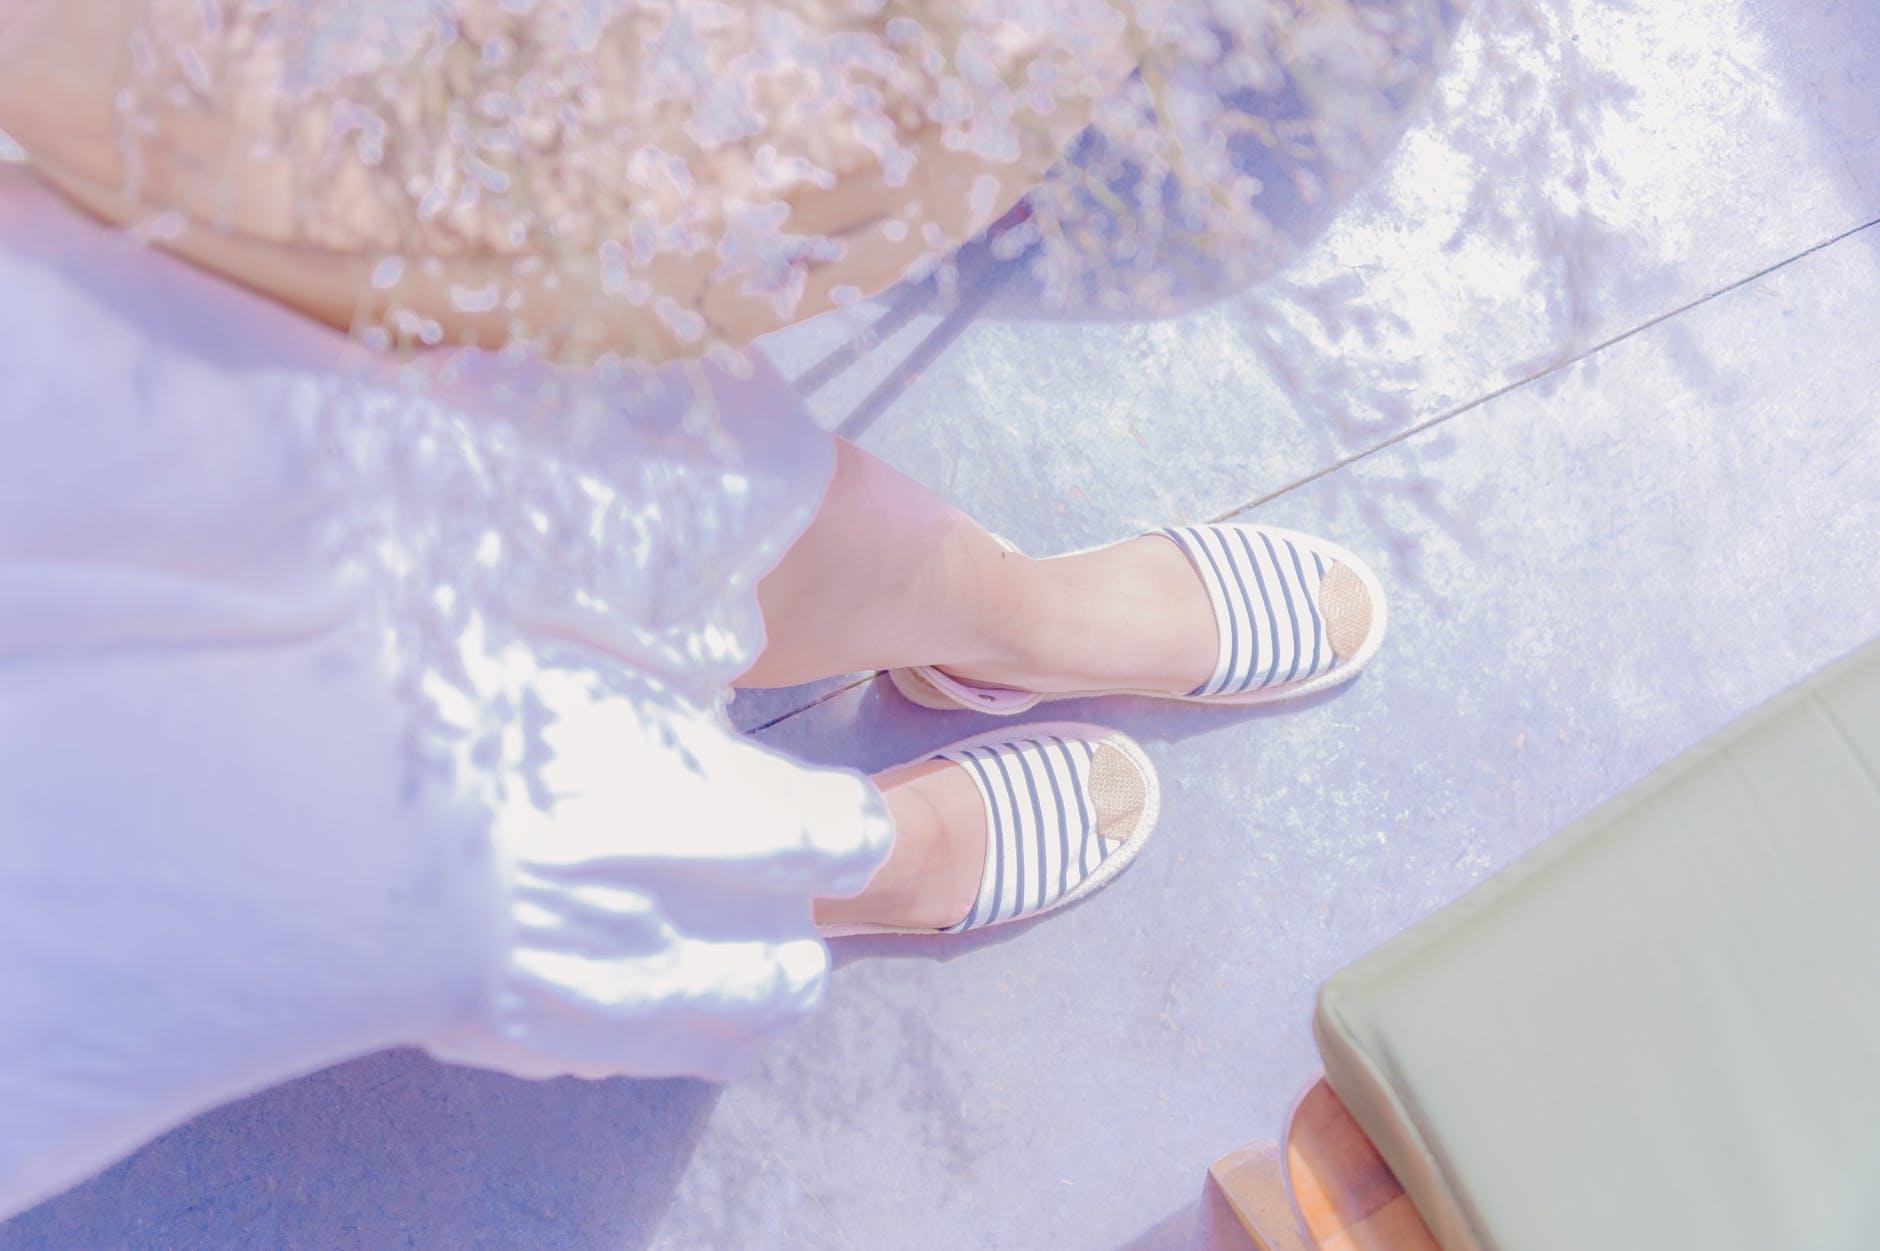 サンダル 靴擦れ しない